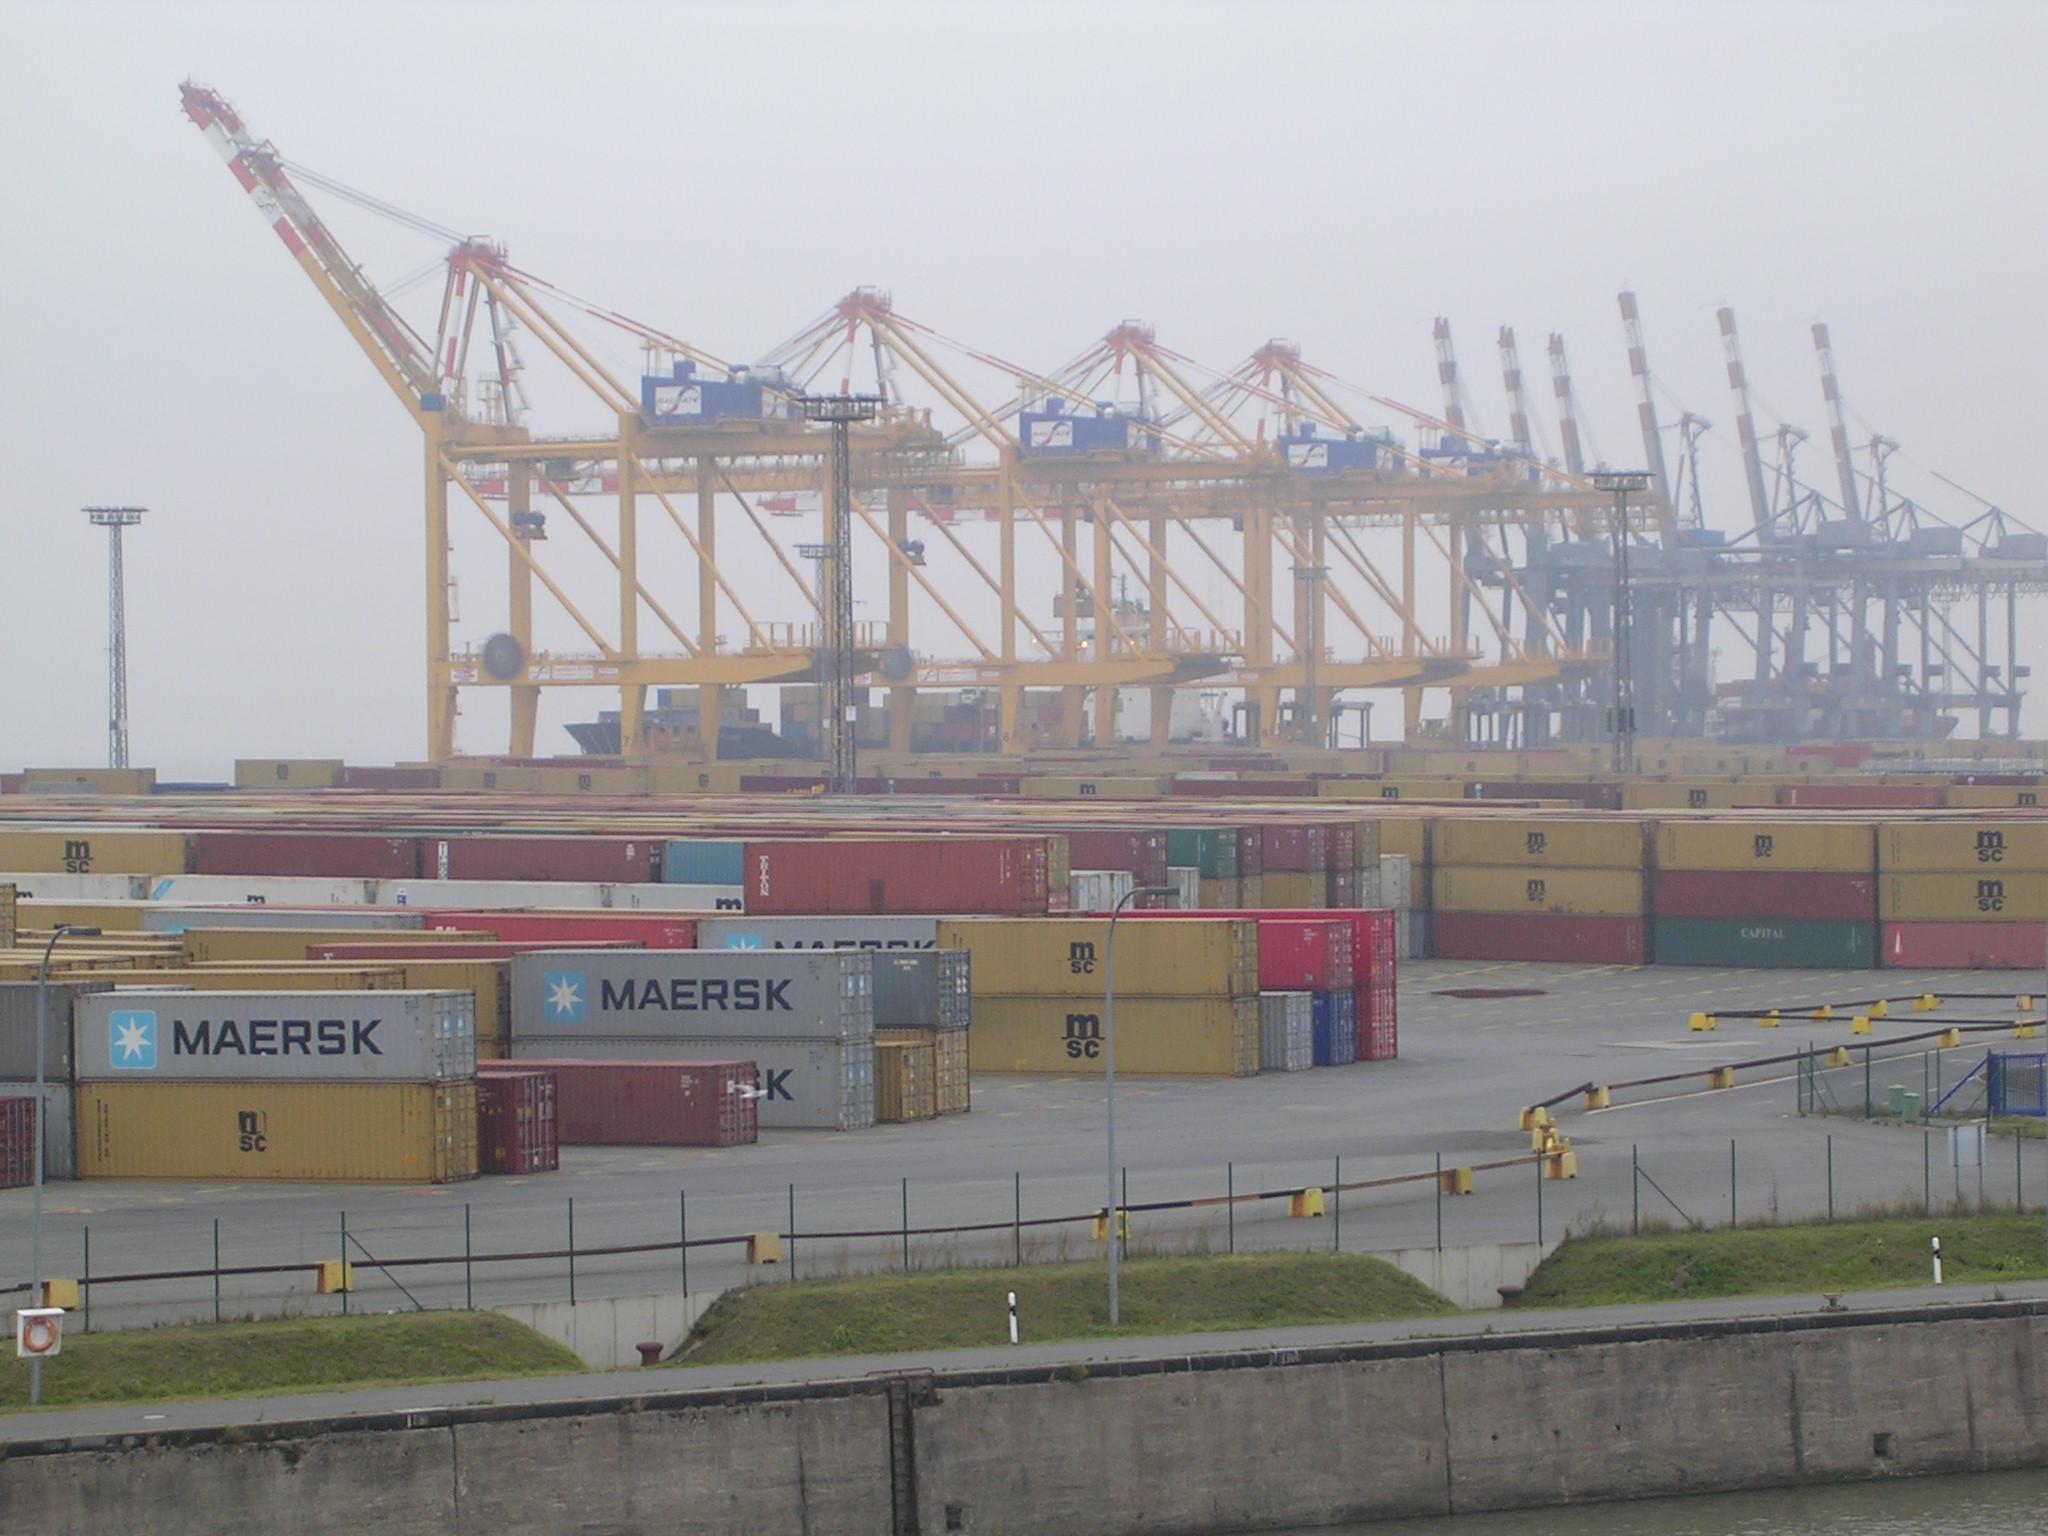 Das Containerterminal von Bremerhaven. Nahe bei werden auch Unmengen von Autos, Landmaschinen und sonstigem interessantem Fuhrpark verladen!